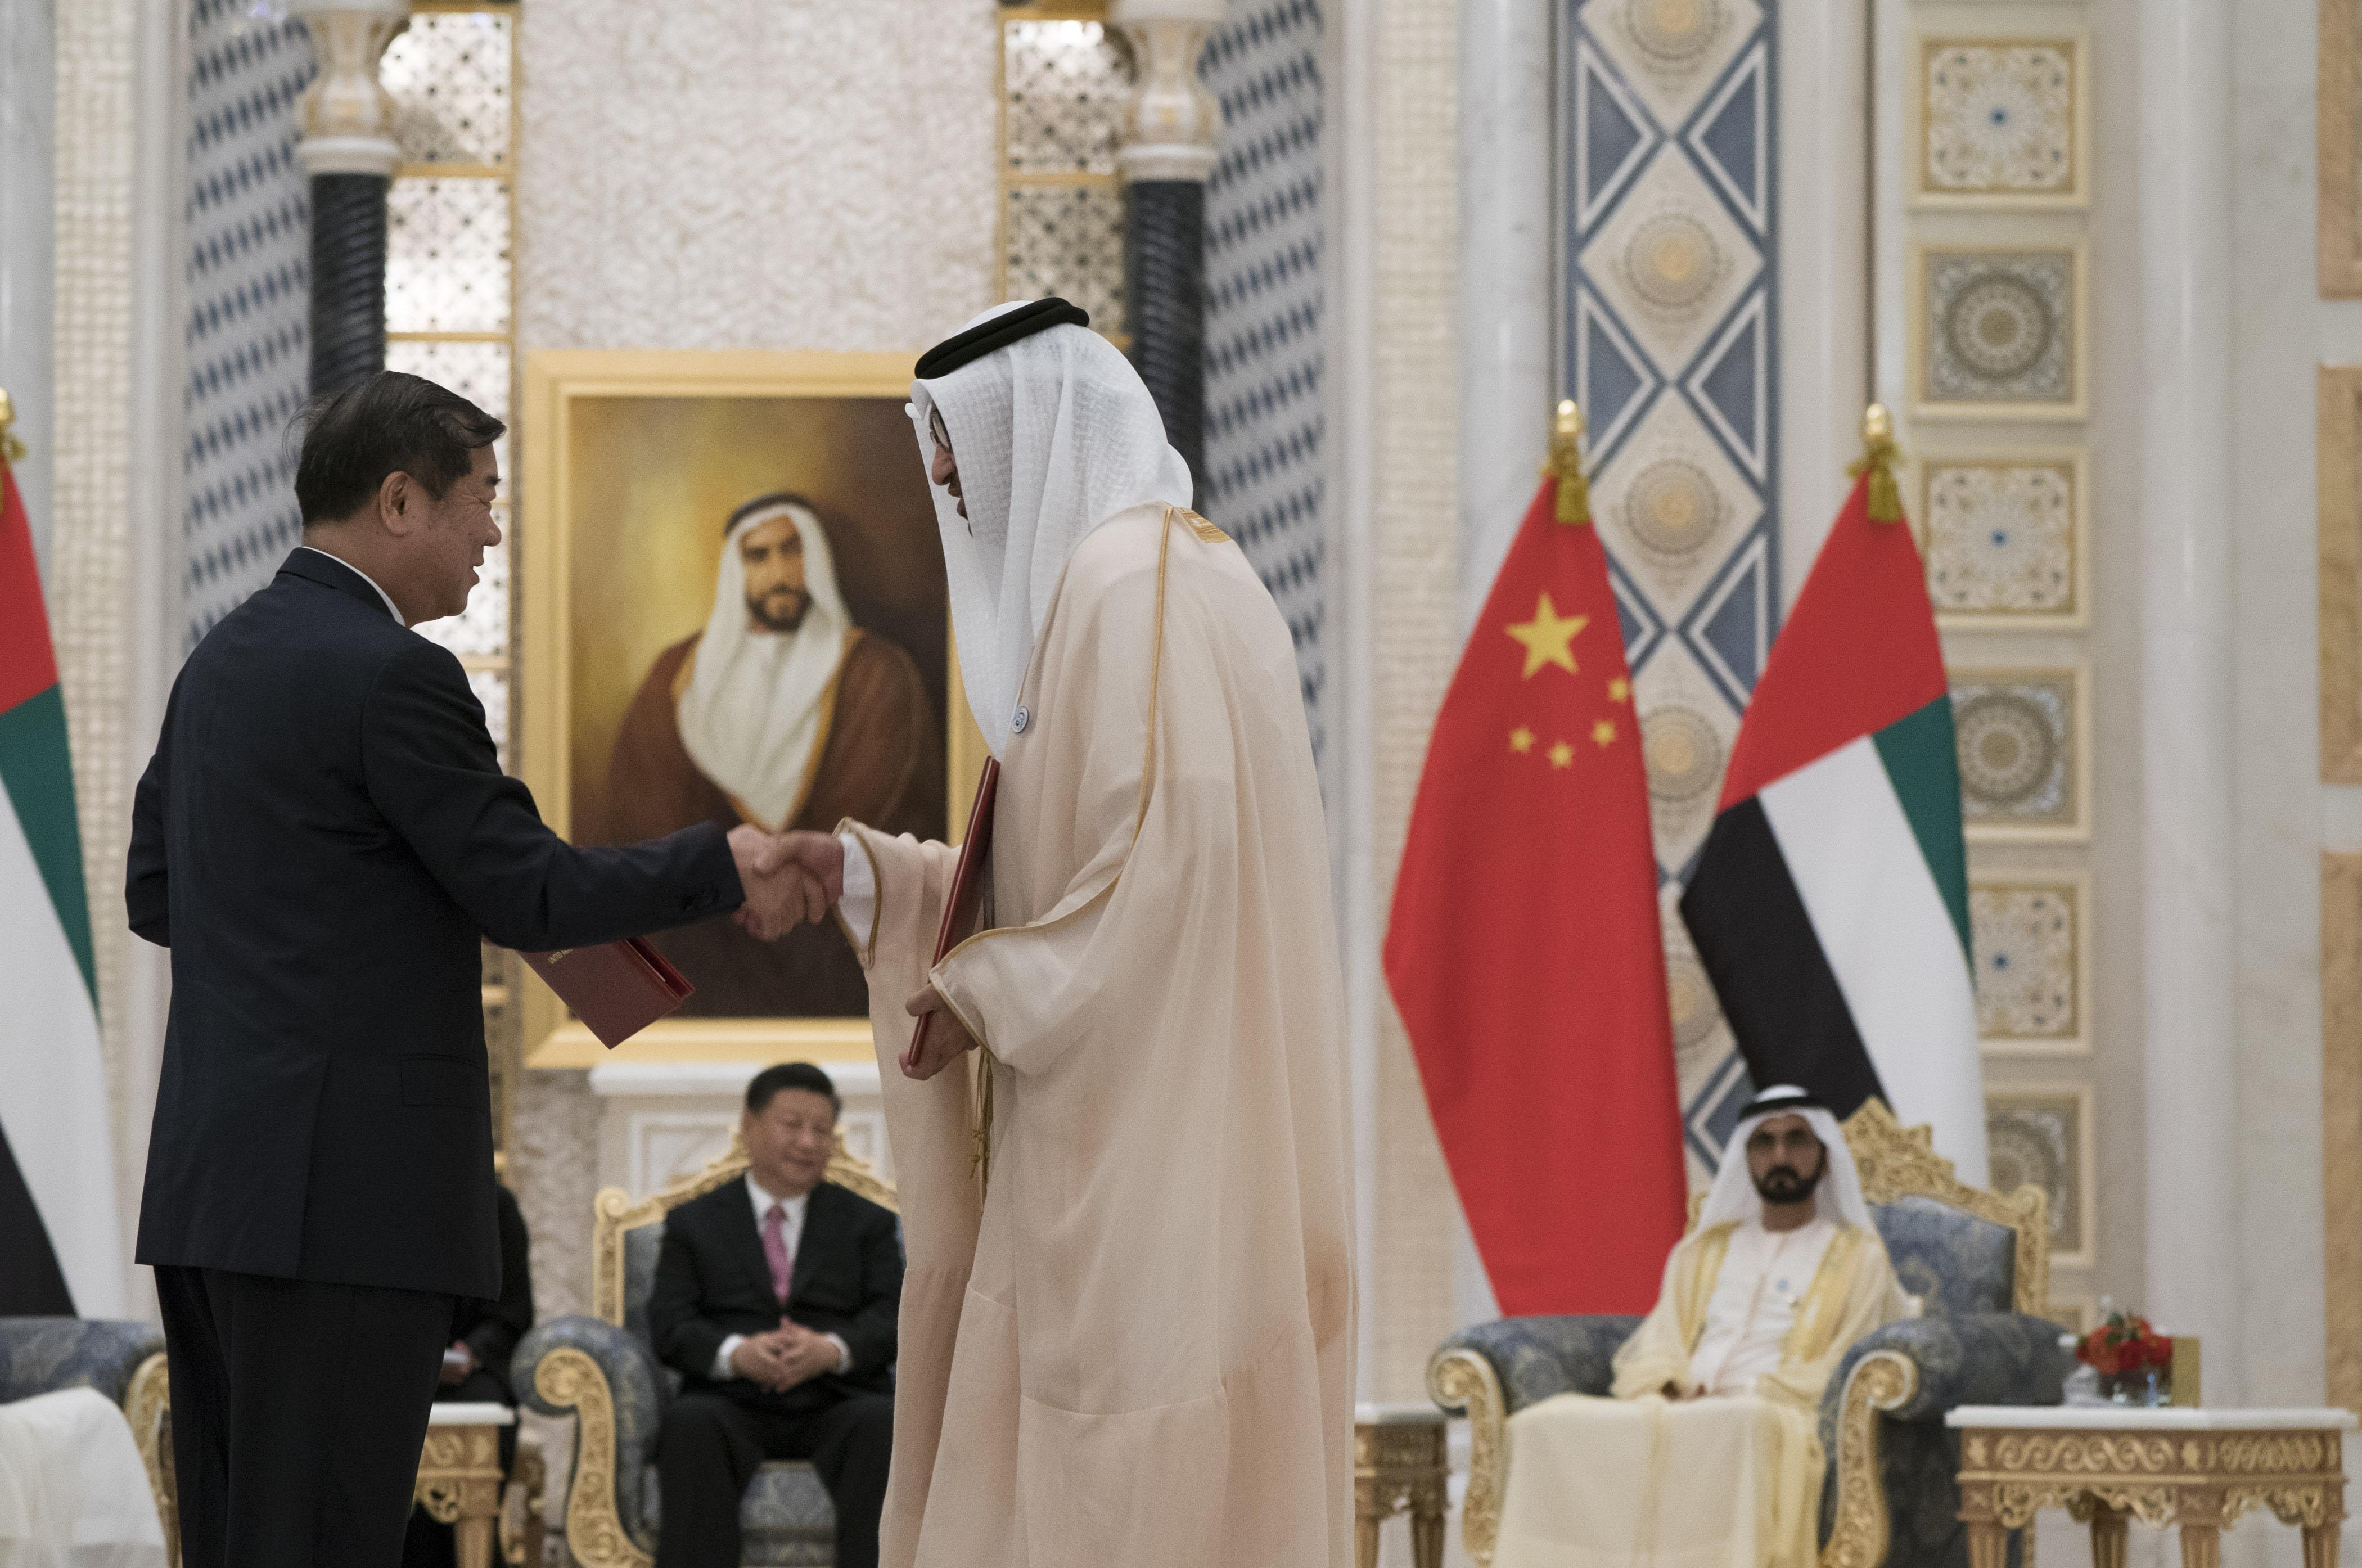 محمد بن راشد ومحمد بن زايد والرئيس الصيني يشهدون مراسم تبادل 13 اتفاقية ومذكرة تفاهم موقعة بين البلدين 7